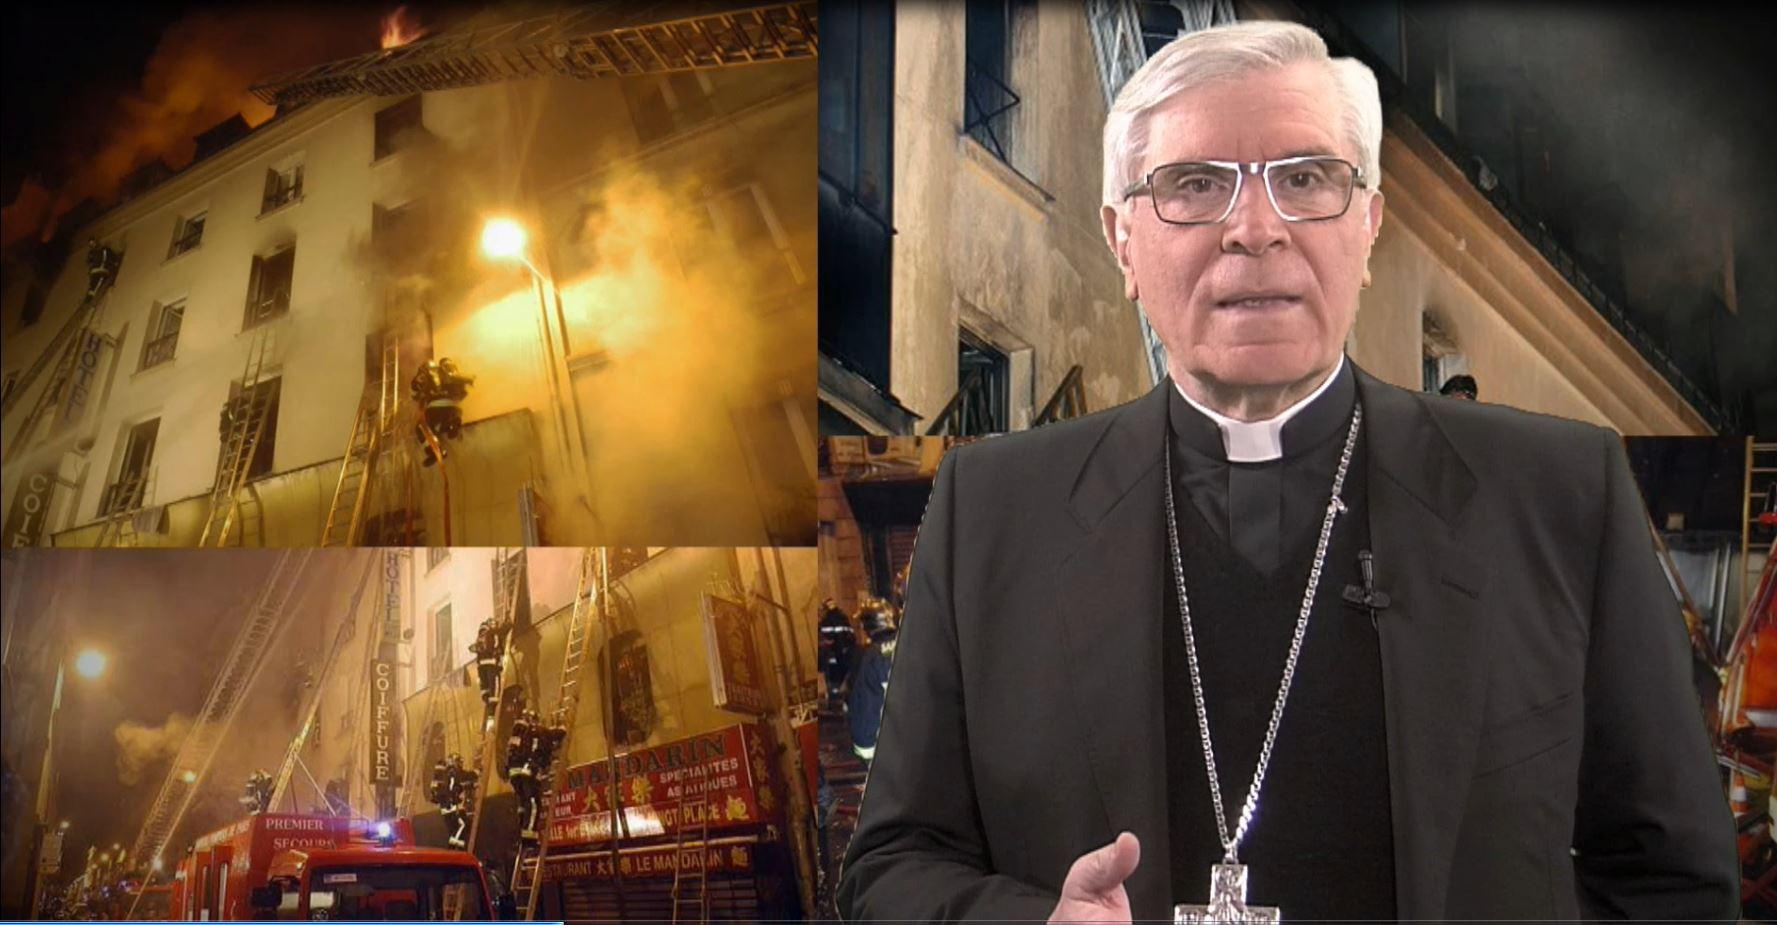 La chronique de Mgr Jean-Michel di Falco Léandri : Pour en finir avec les marchands de sommeil